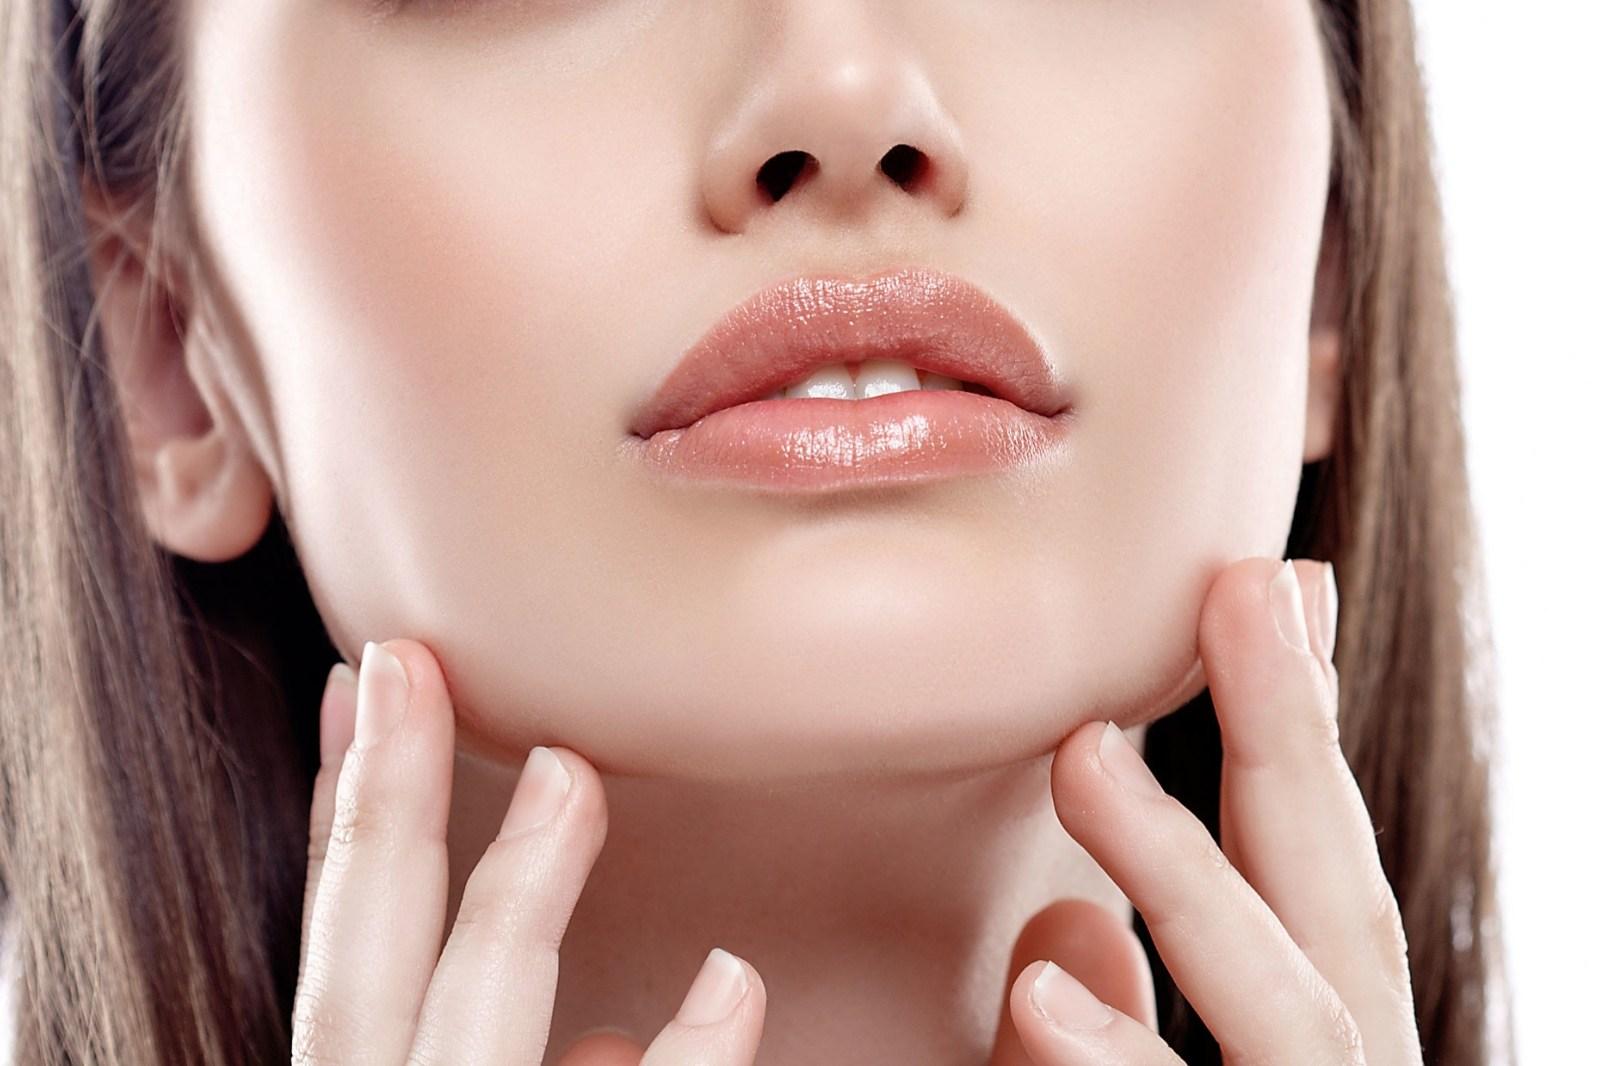 6-Cara-Memerahkan-Bibir-Hitam-Secara-Alami